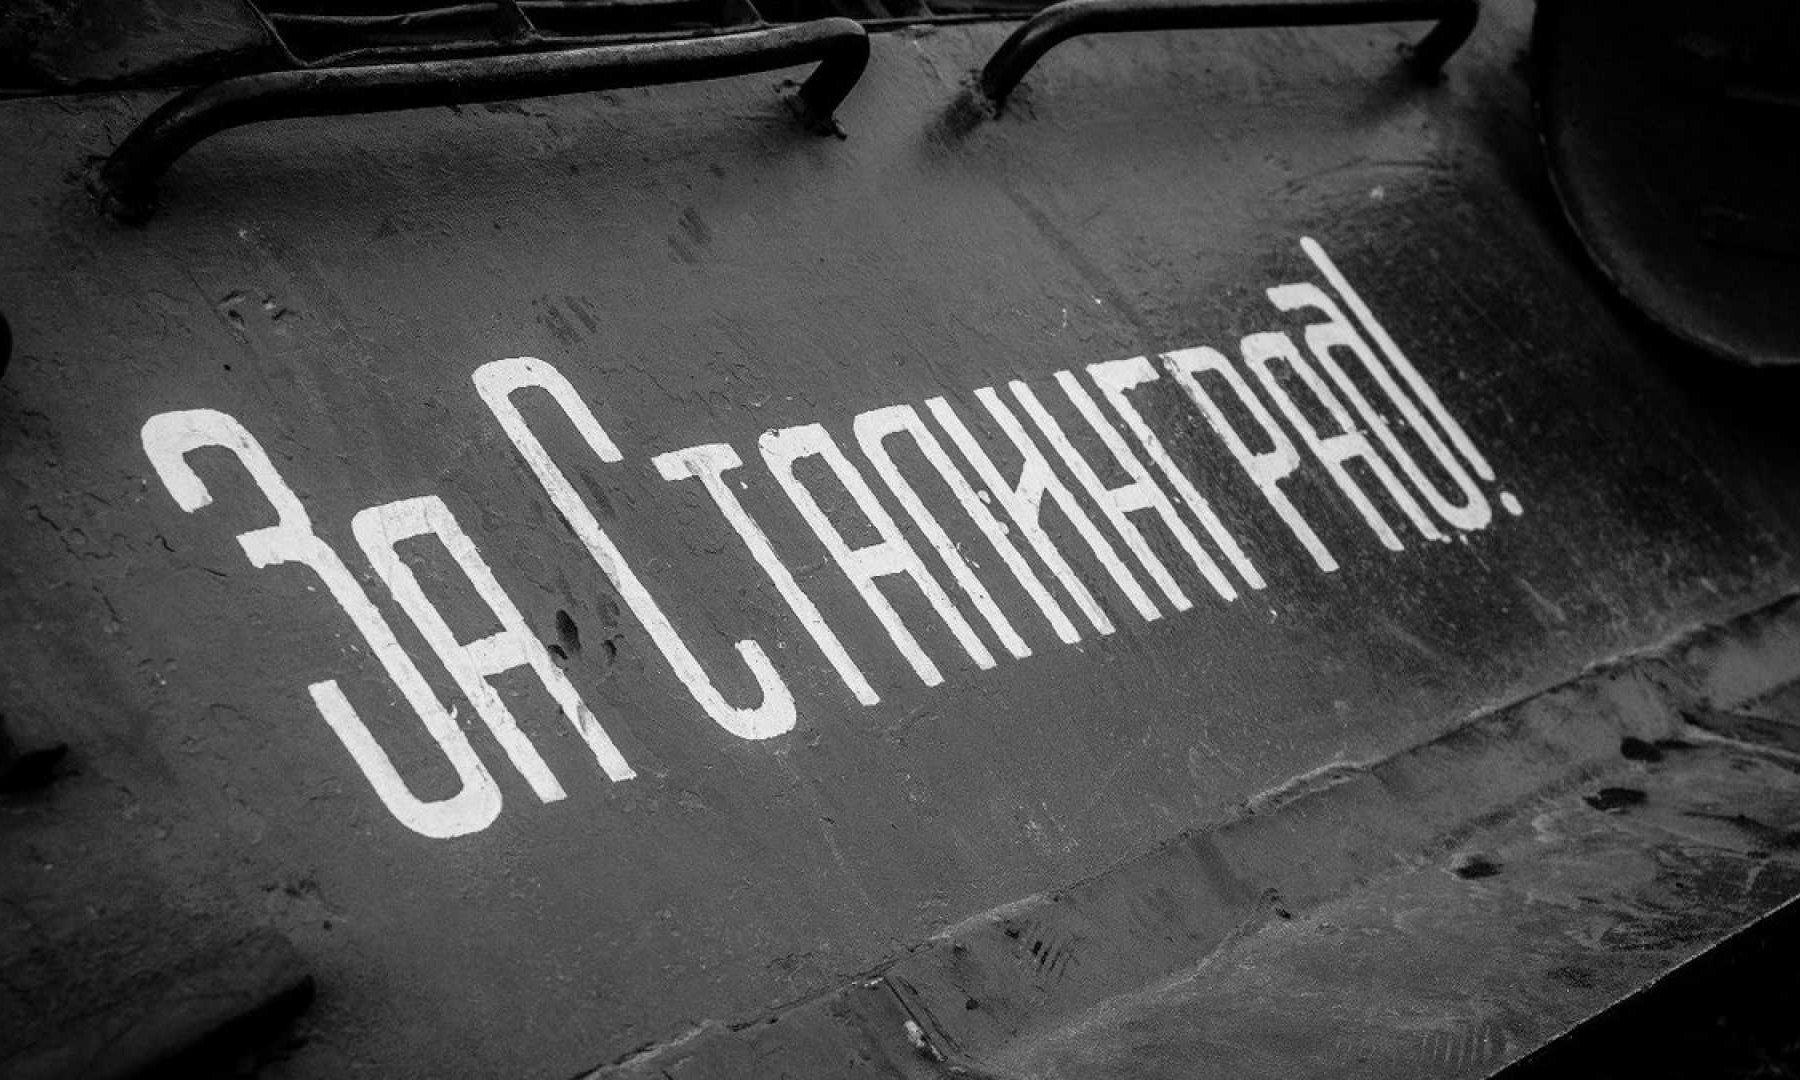 ВВыксе состоялся молодежный исторический квест «Сталинградская битва»